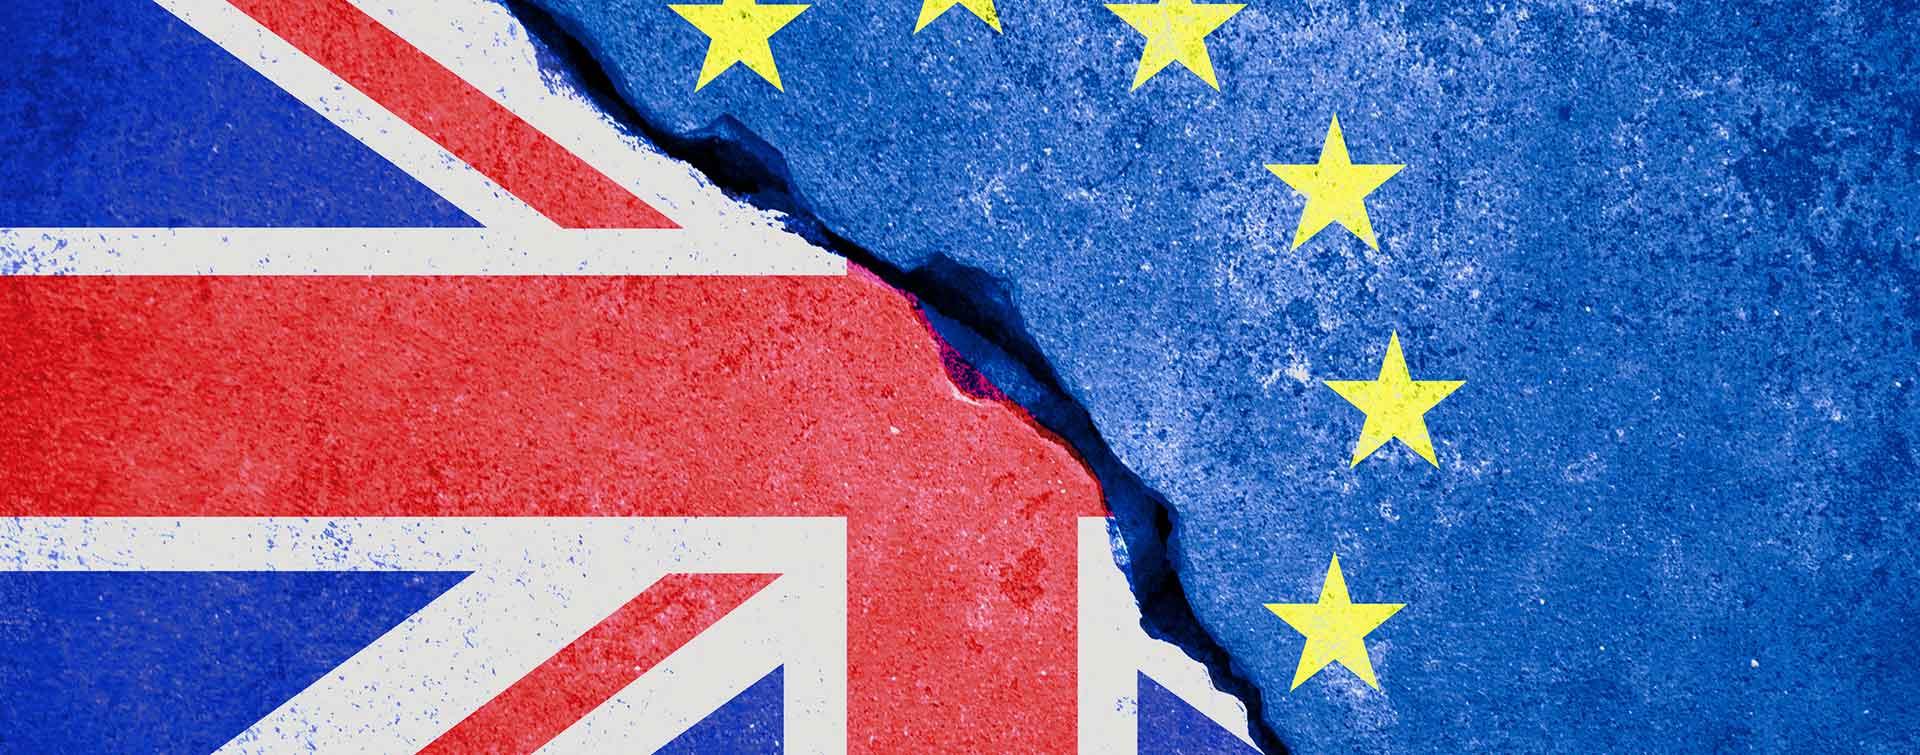 Jak będzie wyglądało wysyłanie paczek do UK za pośrednictwem GLS po brexicie?